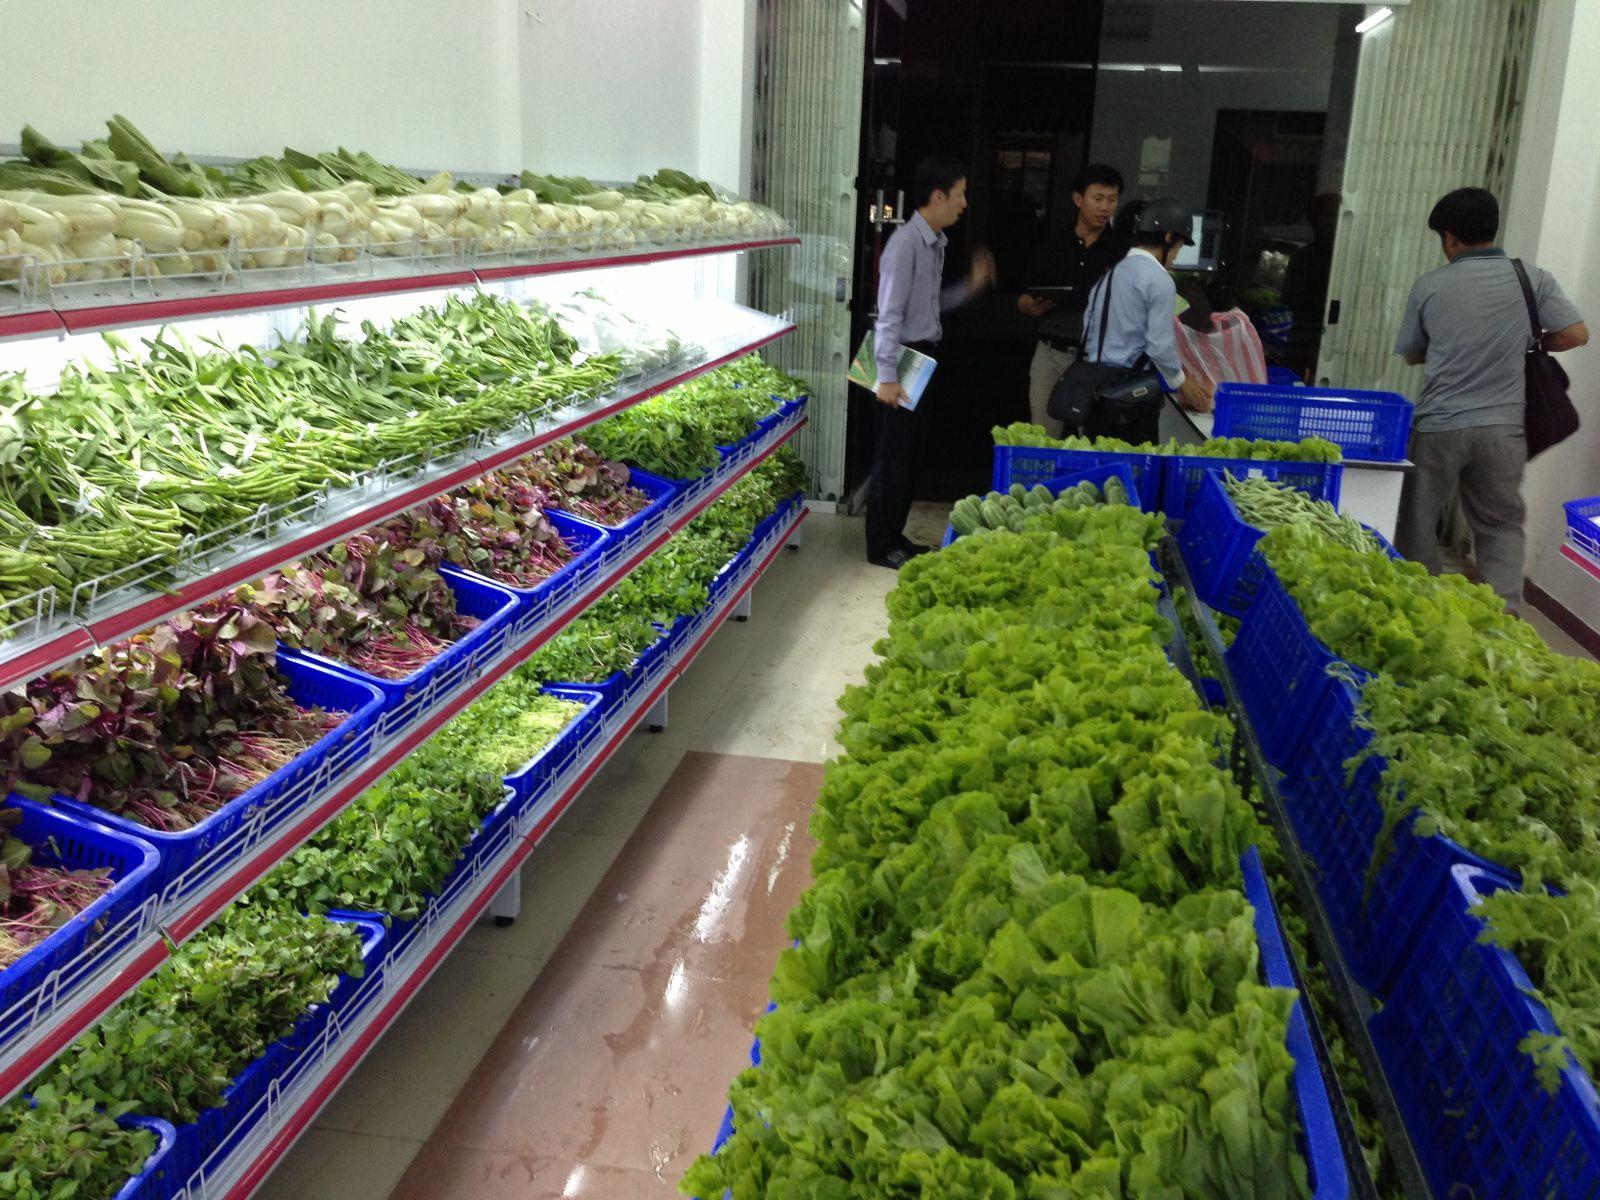 Quản lý cửa hàng kinh doanh rau sạch thế nào cho hiệu quả?